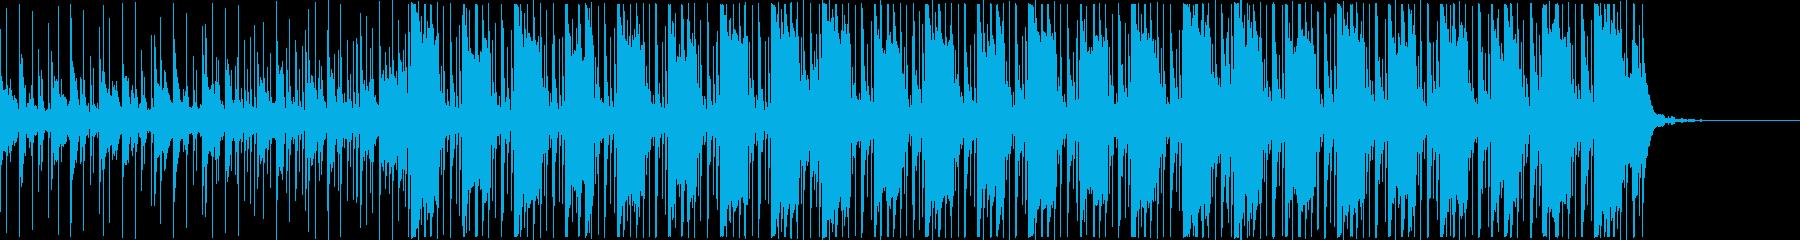 少し機械的な淡々とした/企業VP系06aの再生済みの波形